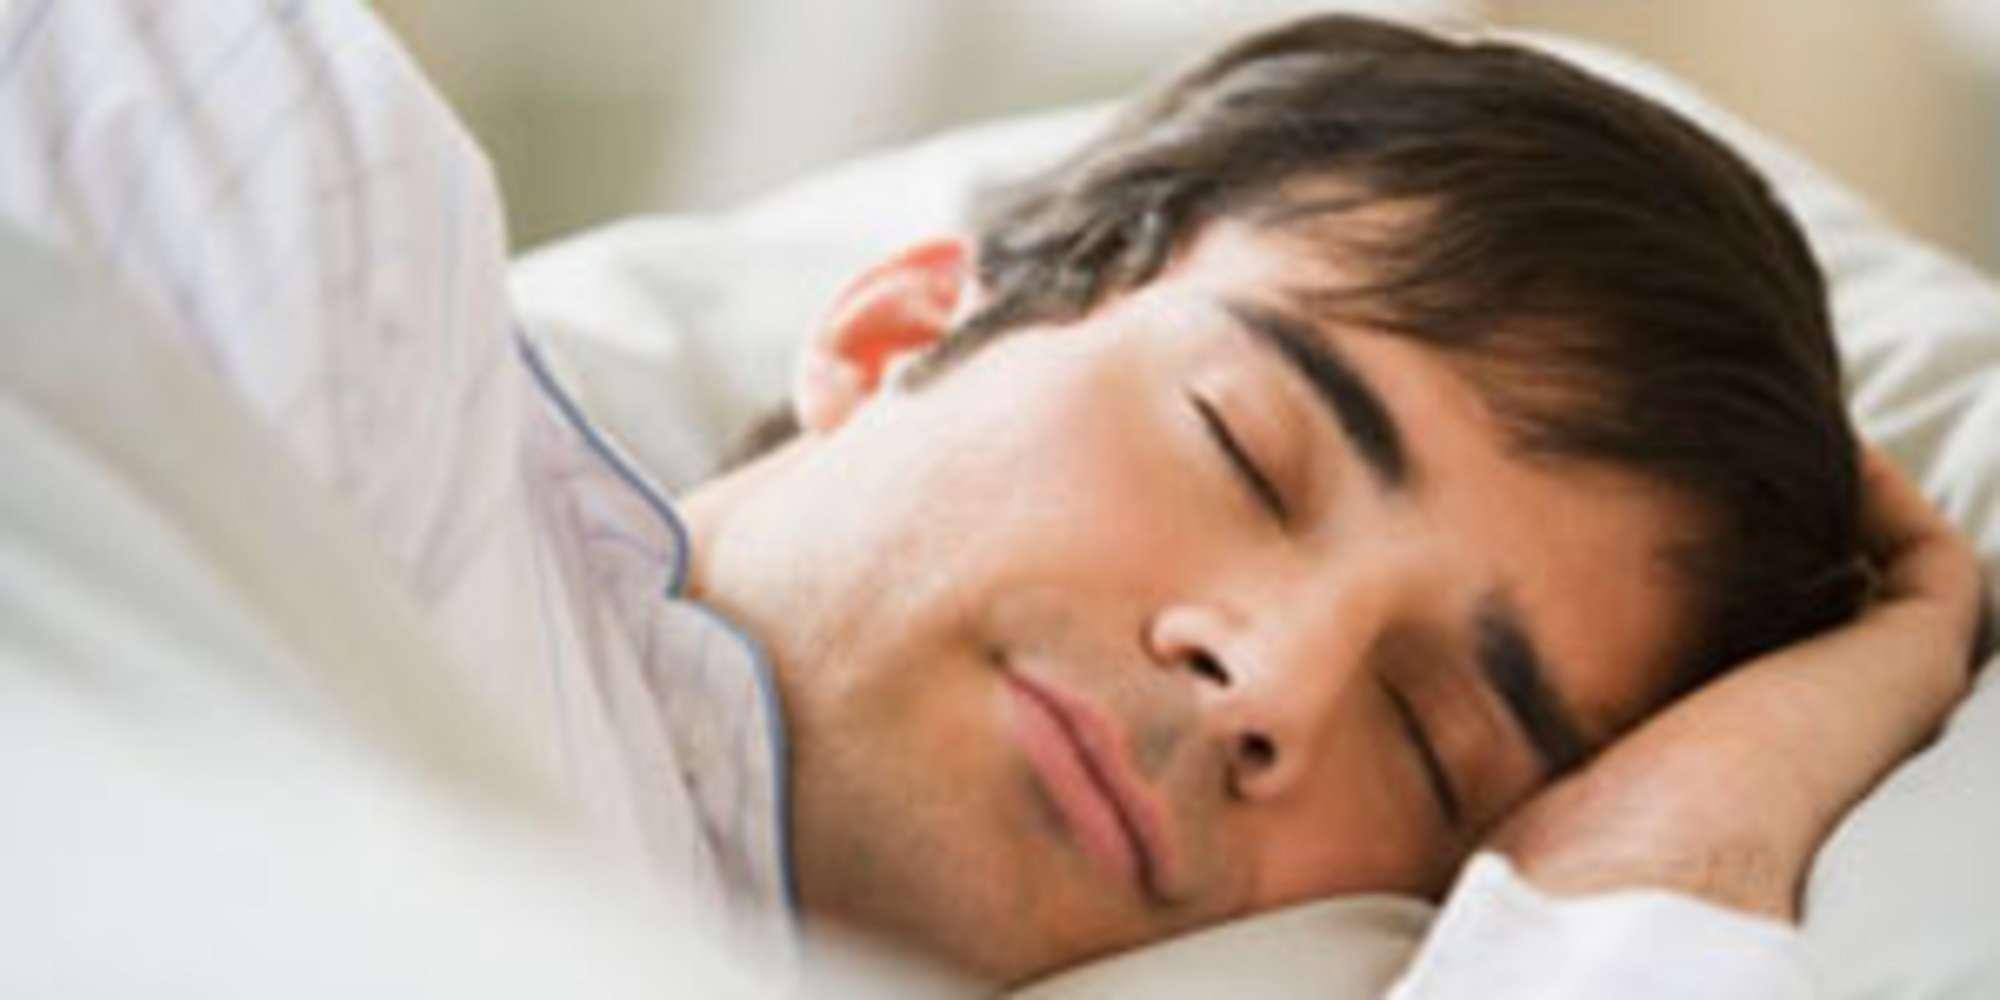 Køb sovepiller